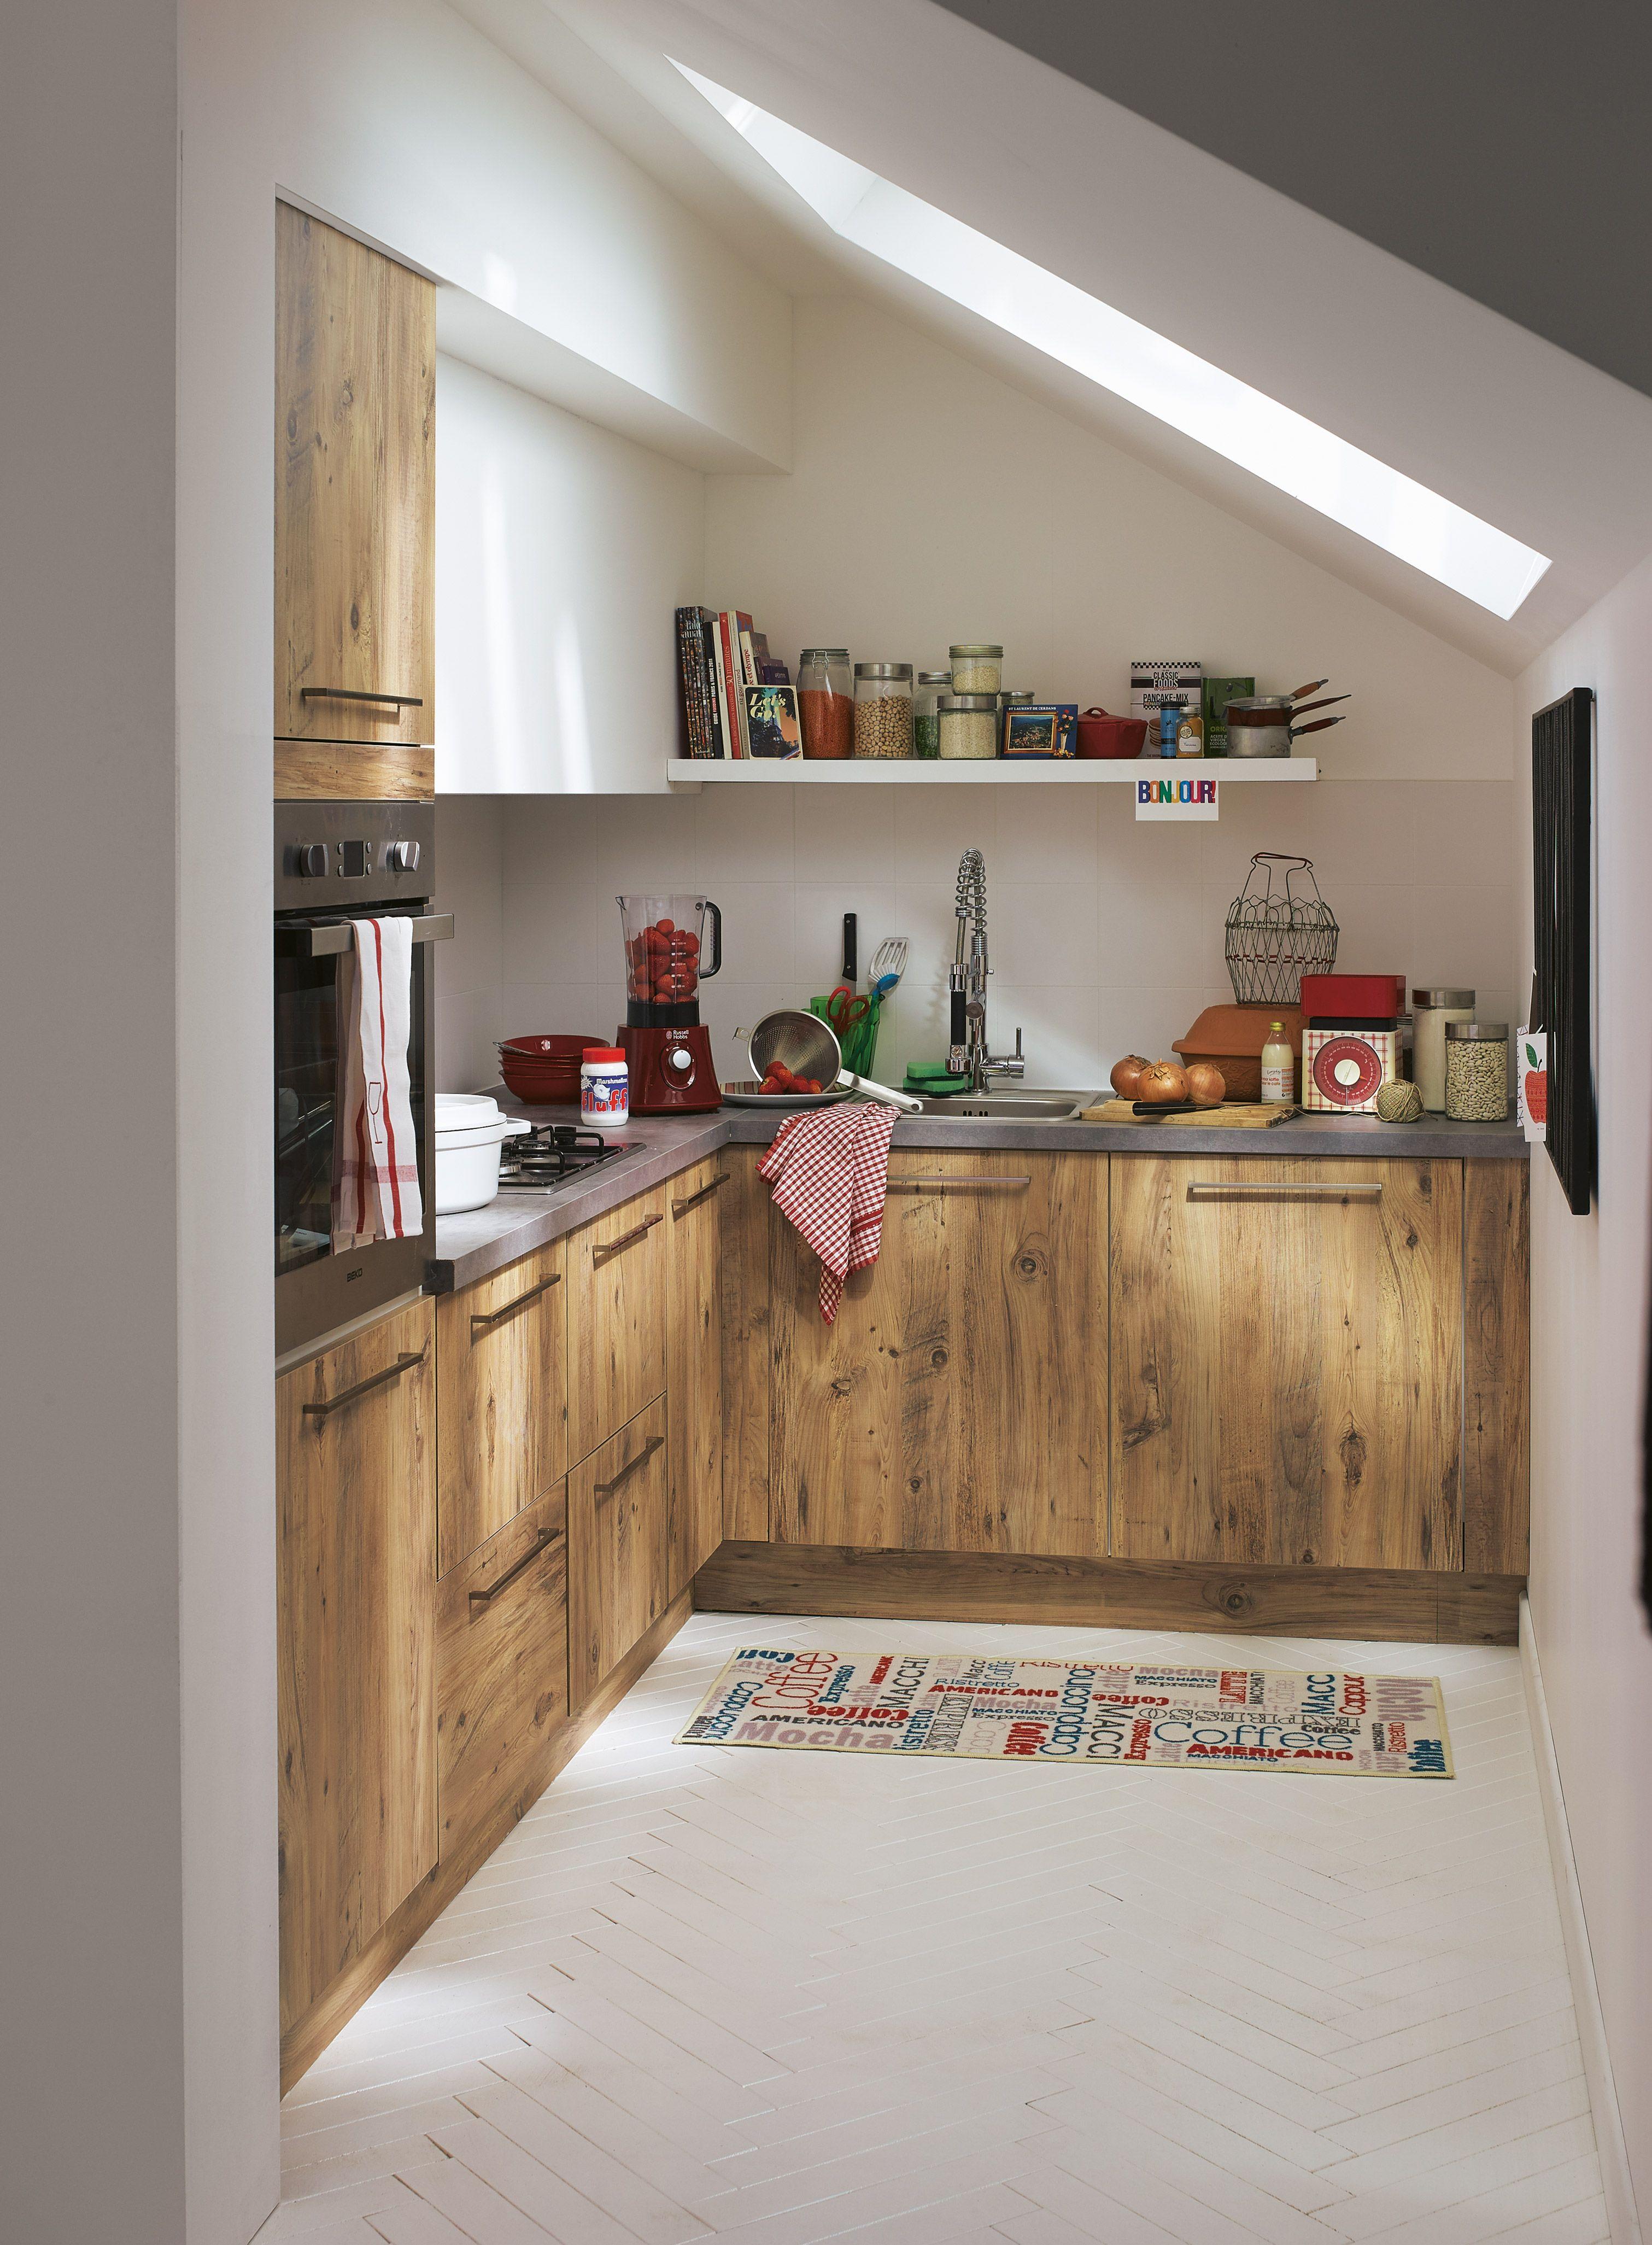 Cuisine Alinea Designs De Petite Cuisine Decoration Minimaliste Cuisine Minimaliste